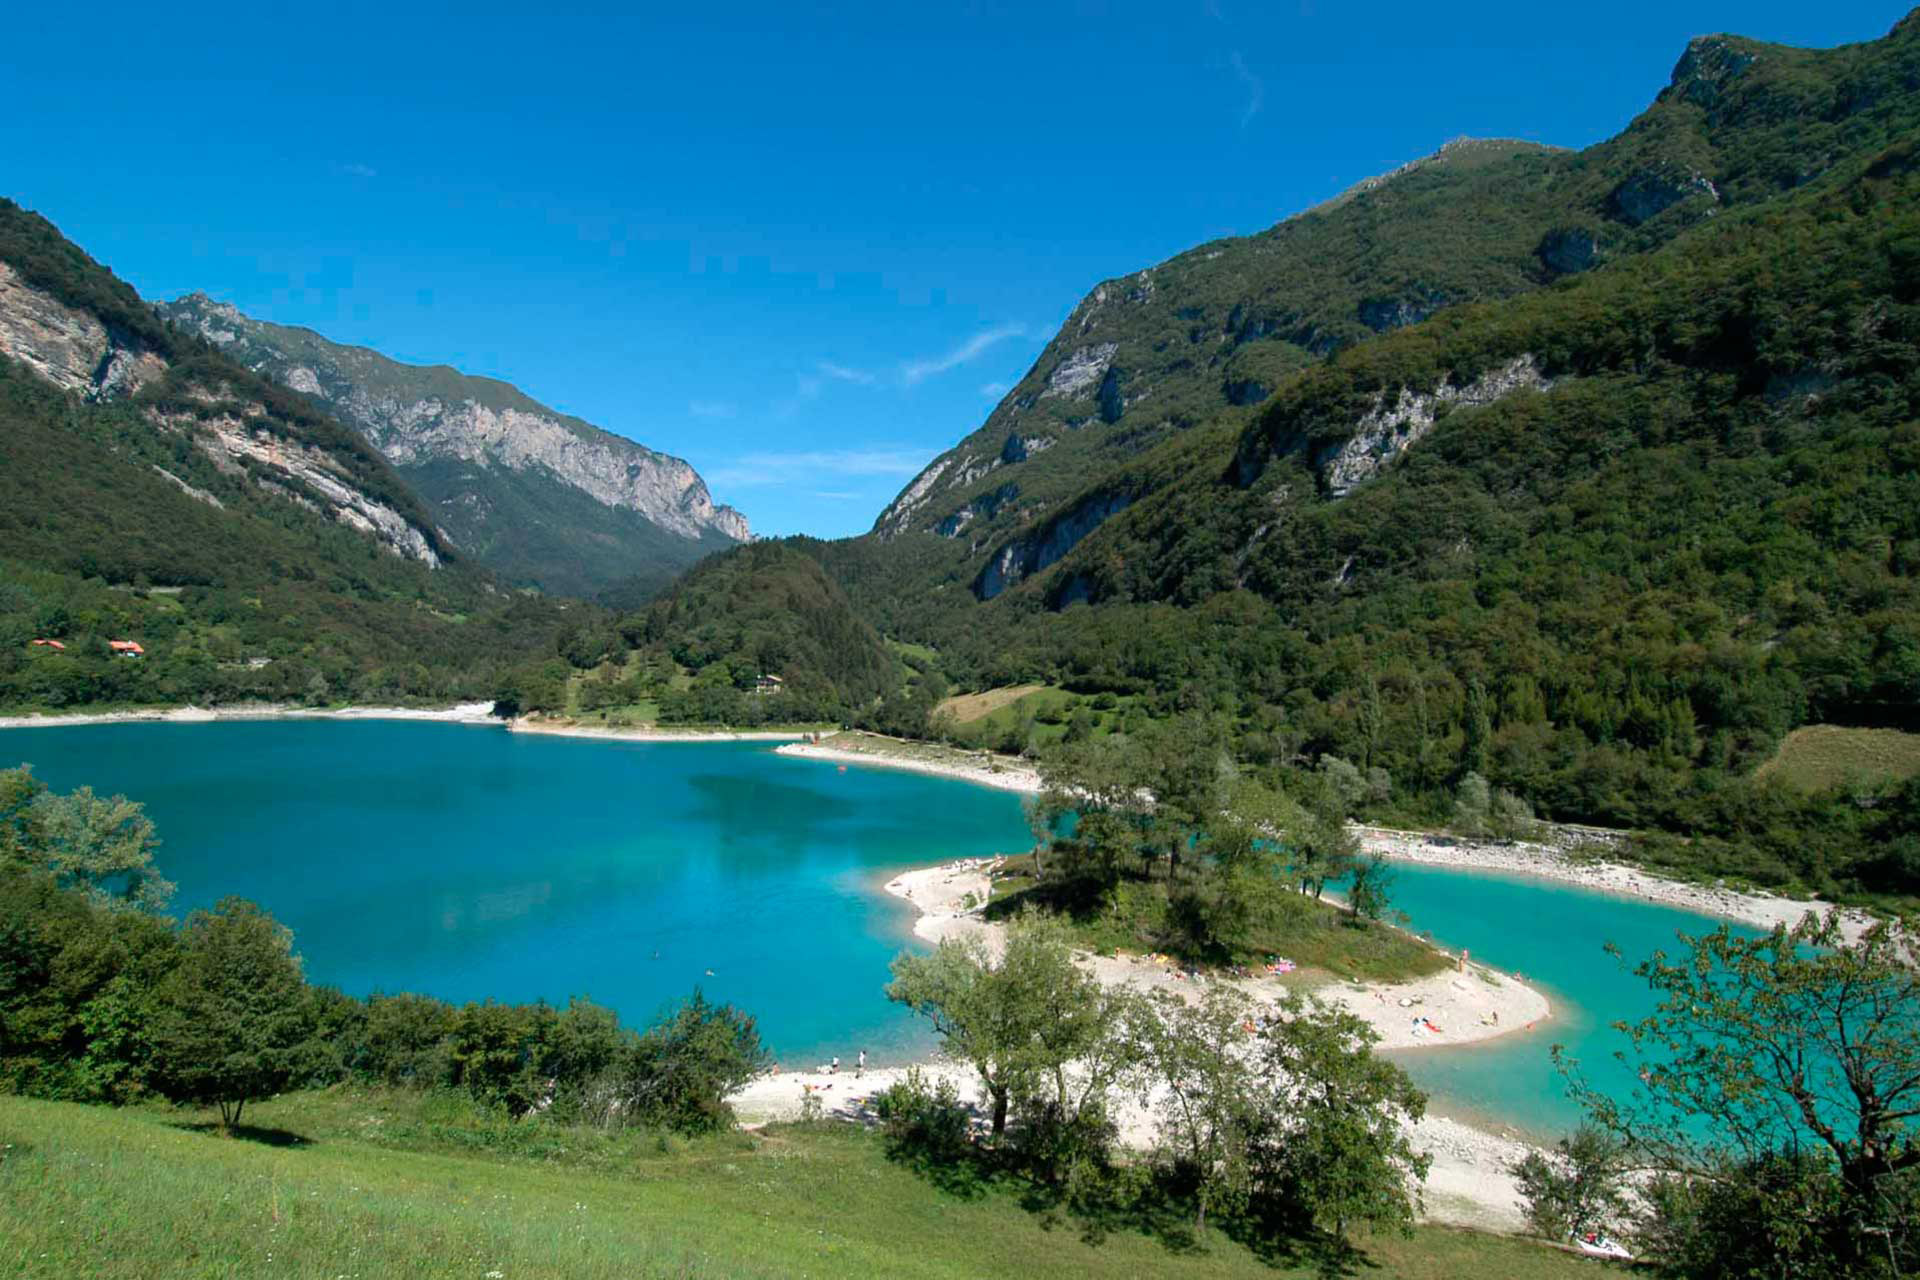 Lago di Tenno, una perla tra i numerosissimi specchi d'acqua del trentino